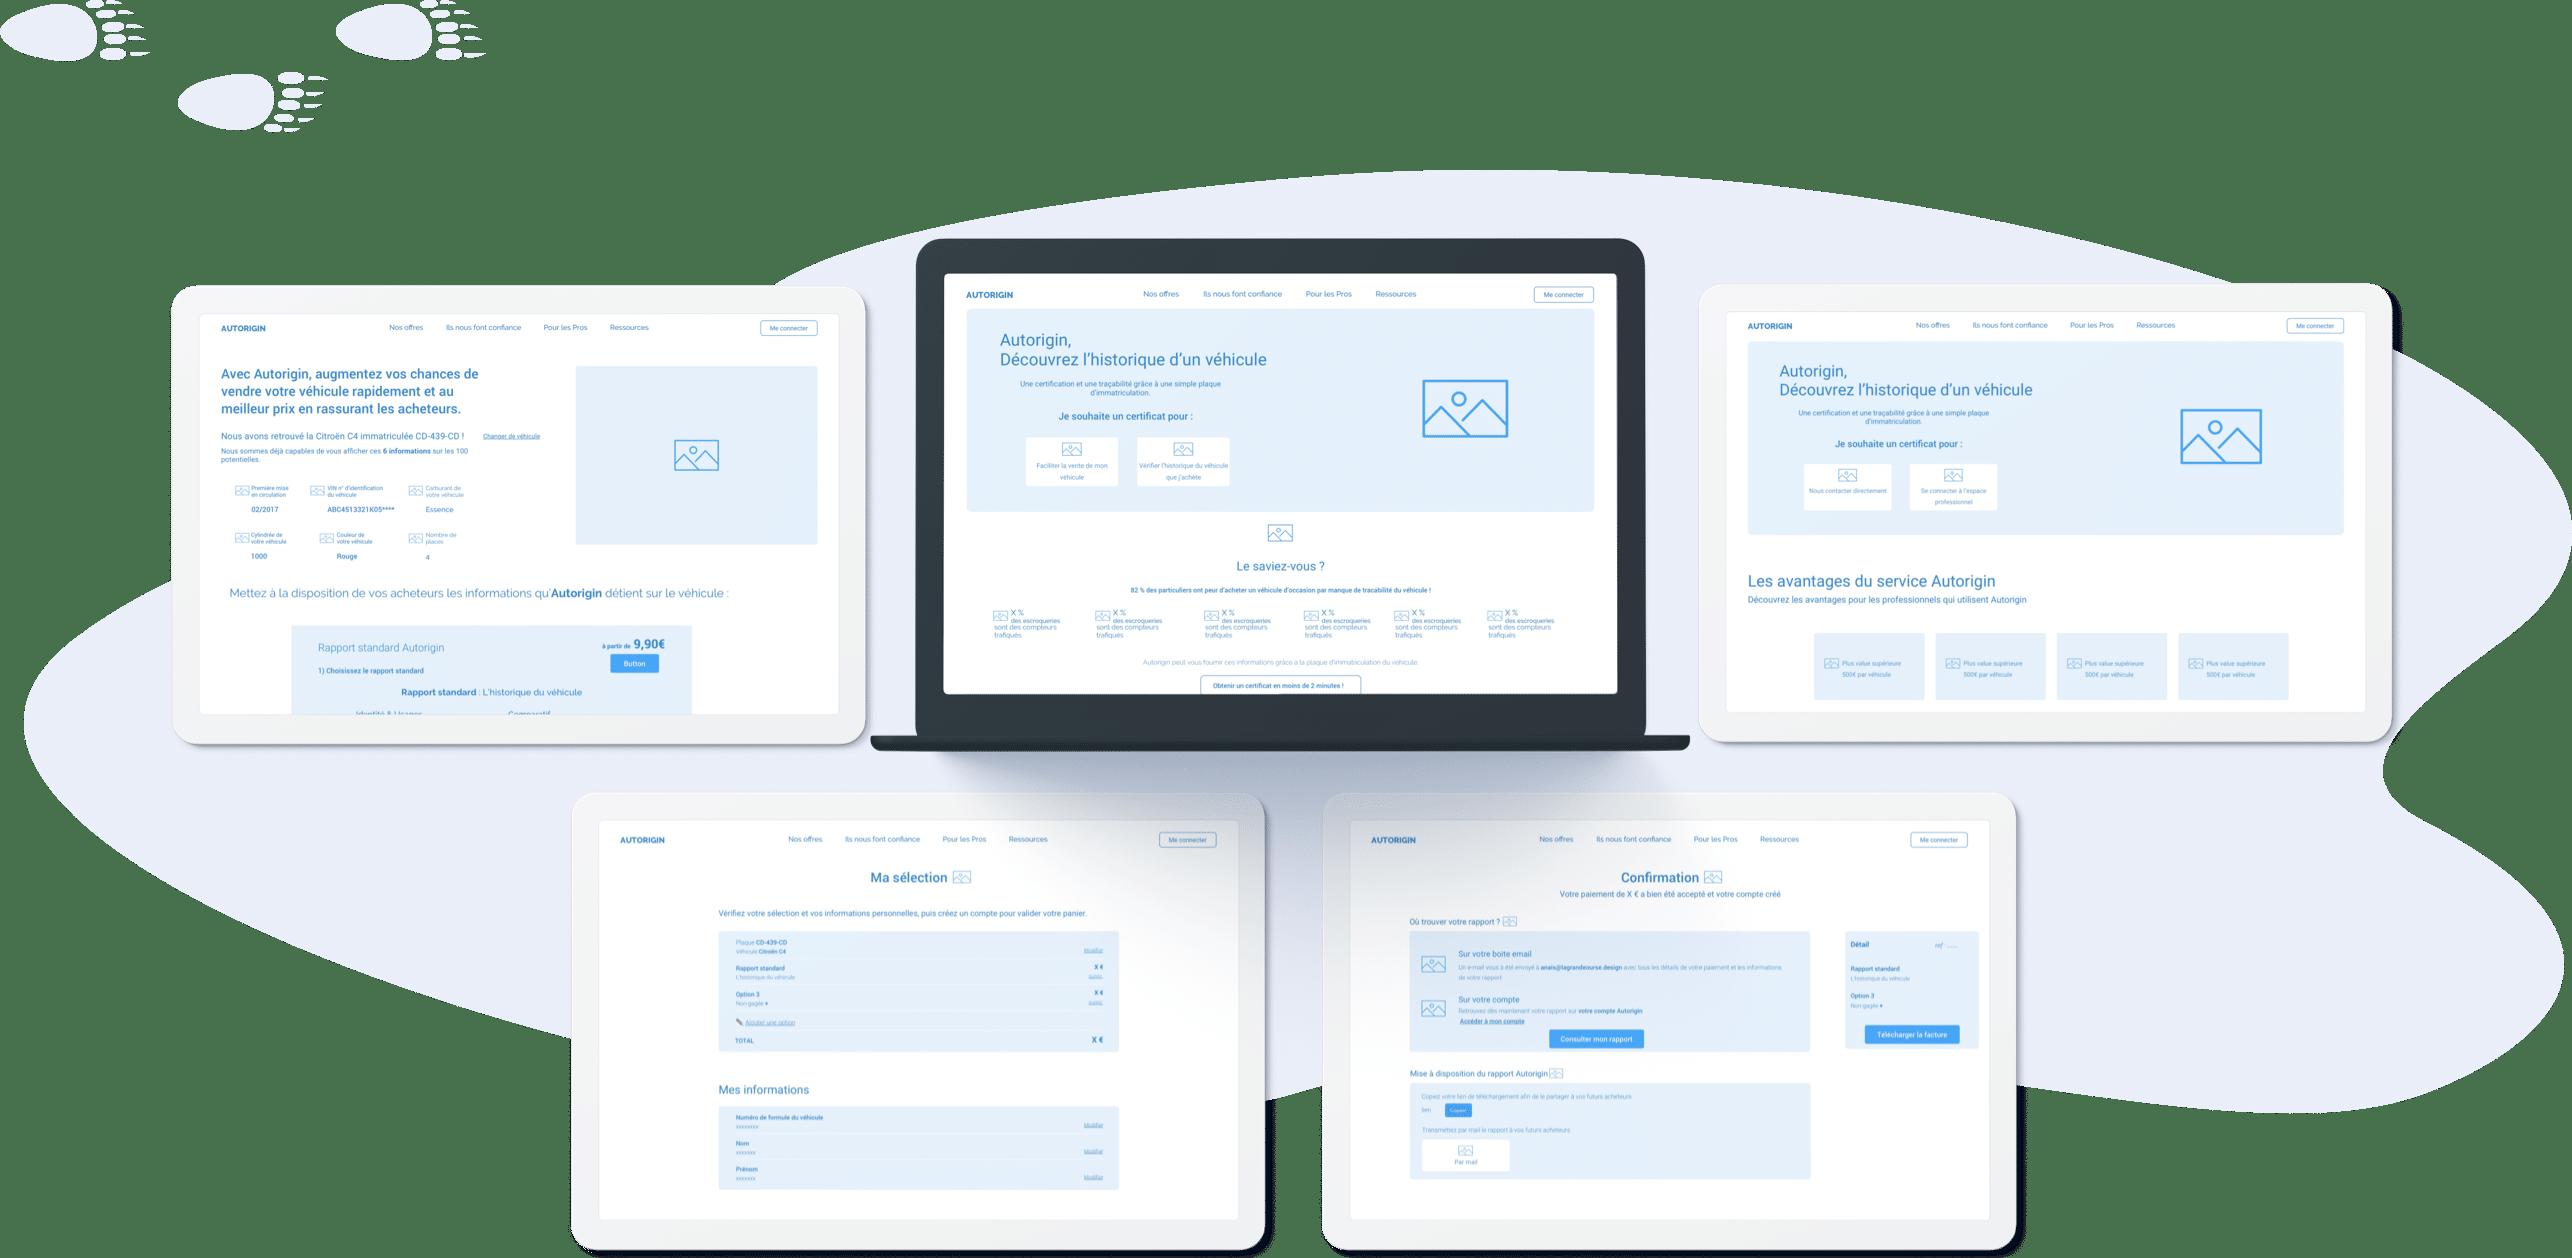 Autorigin - Conception UX (desktop et mobile)